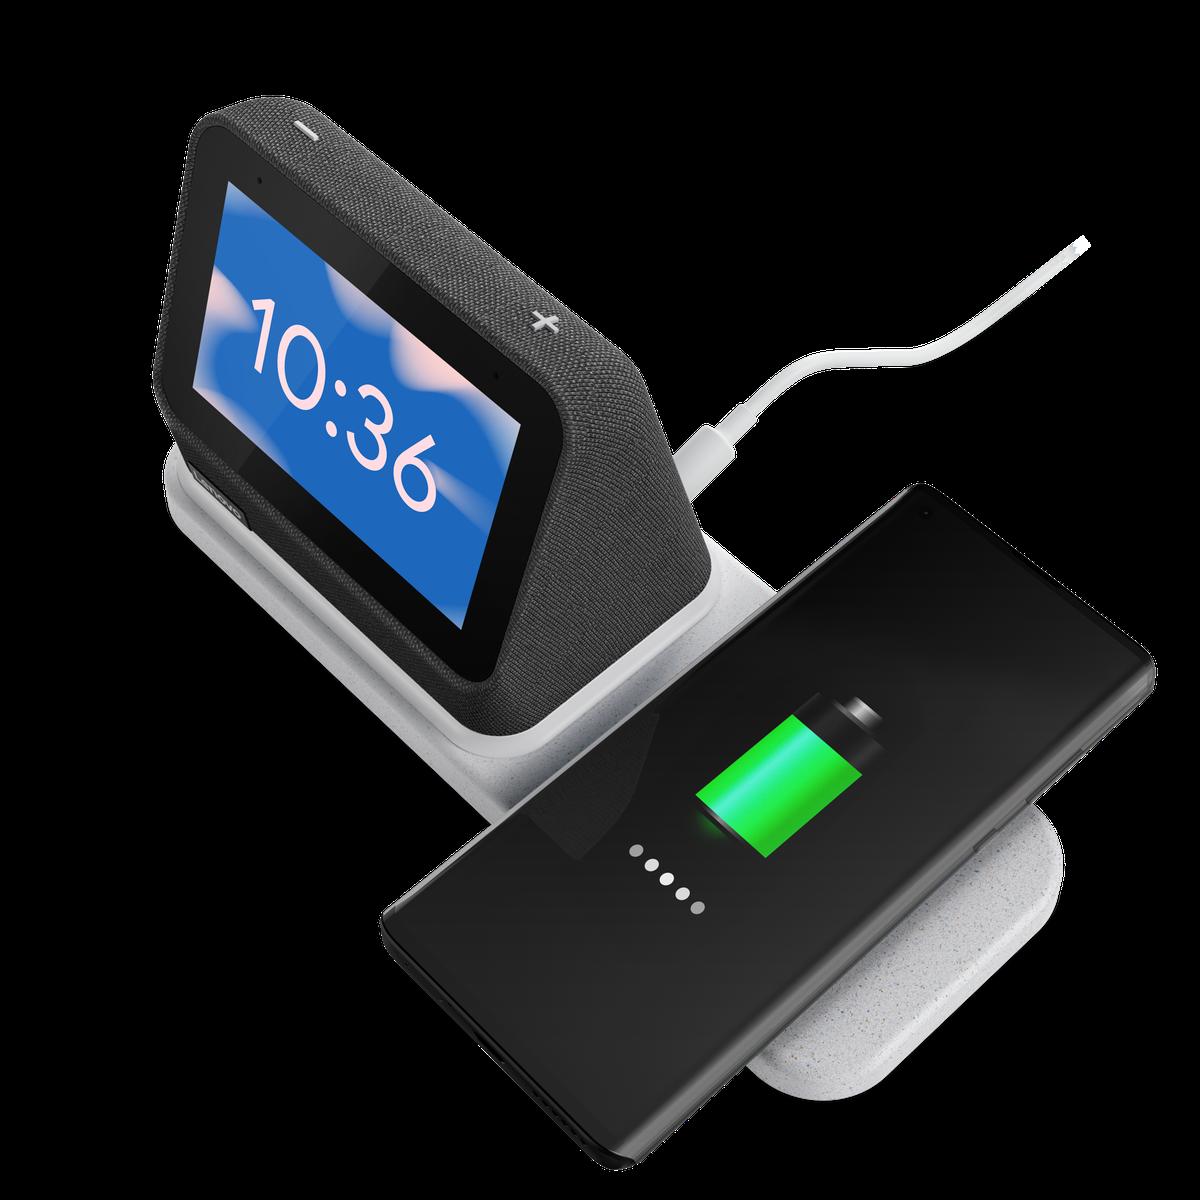 Bezdrôtová nabíjačka Lenovo Smart Watch Top, ktorá nabíja smartphone.  Na obrazovke sa zobrazuje čas 10:36 na modrom pozadí s oblakom.